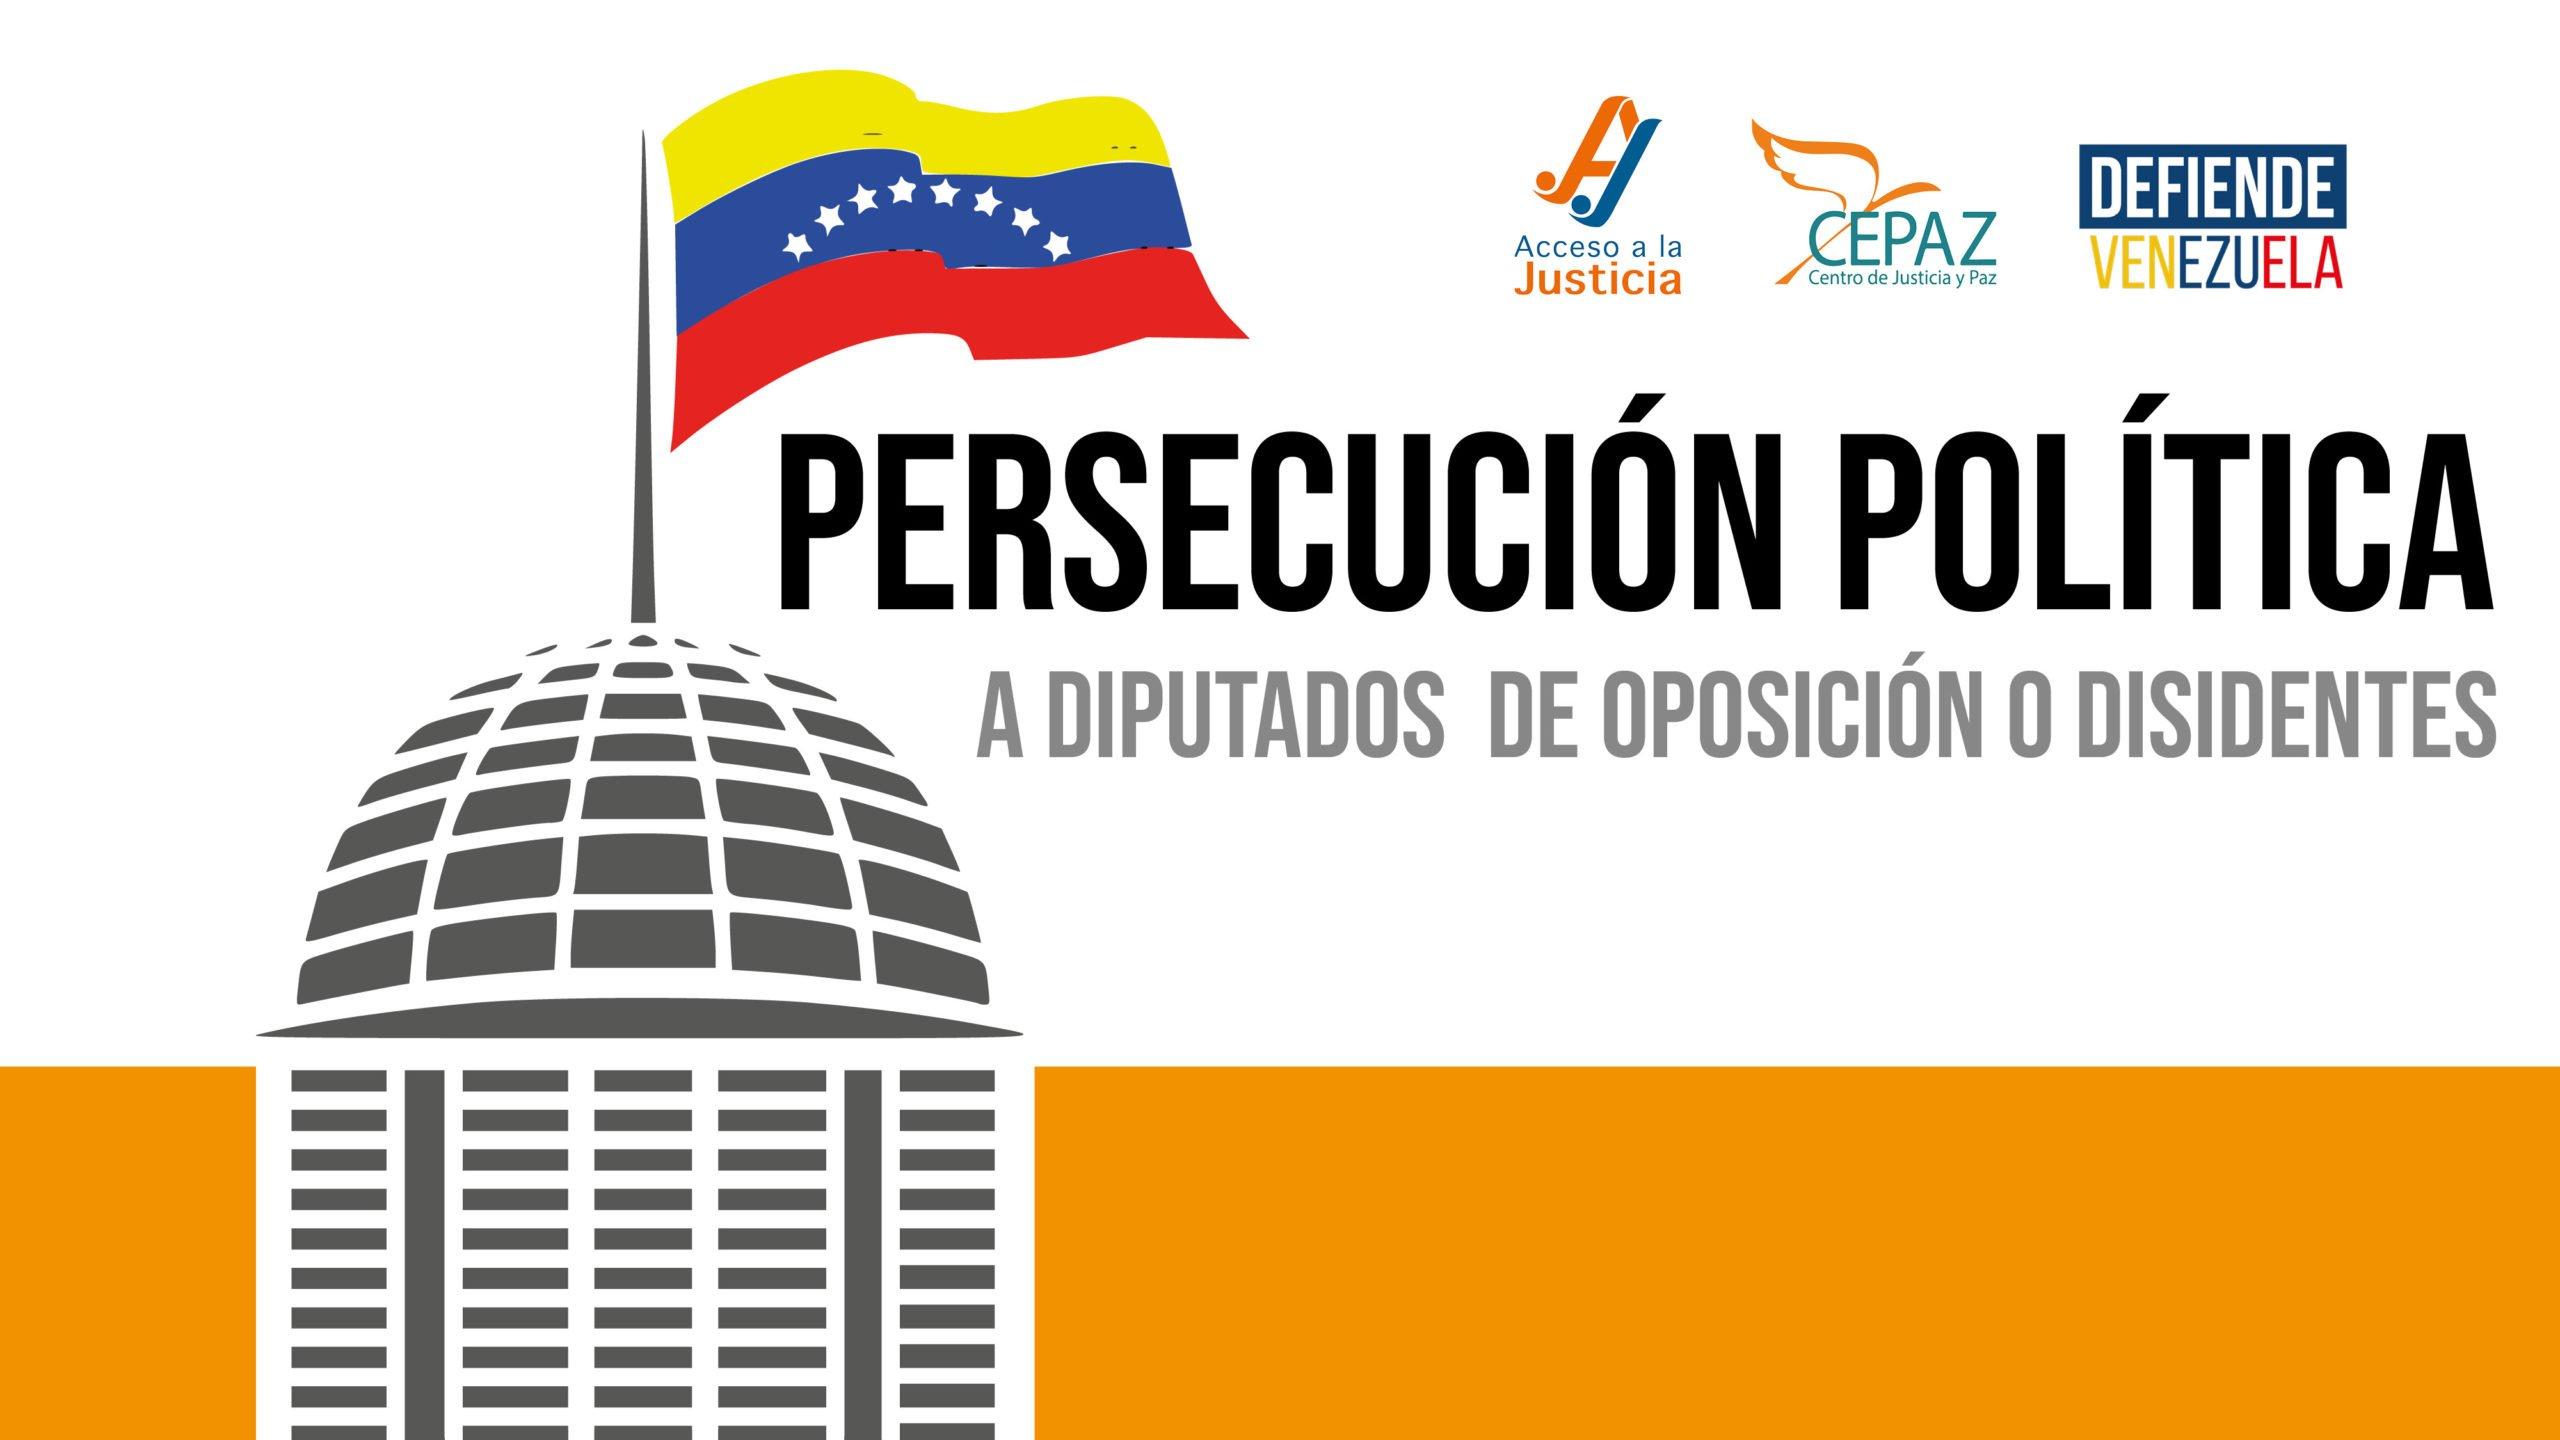 Persecución política a diputados de oposición o disidentes en Venezuela